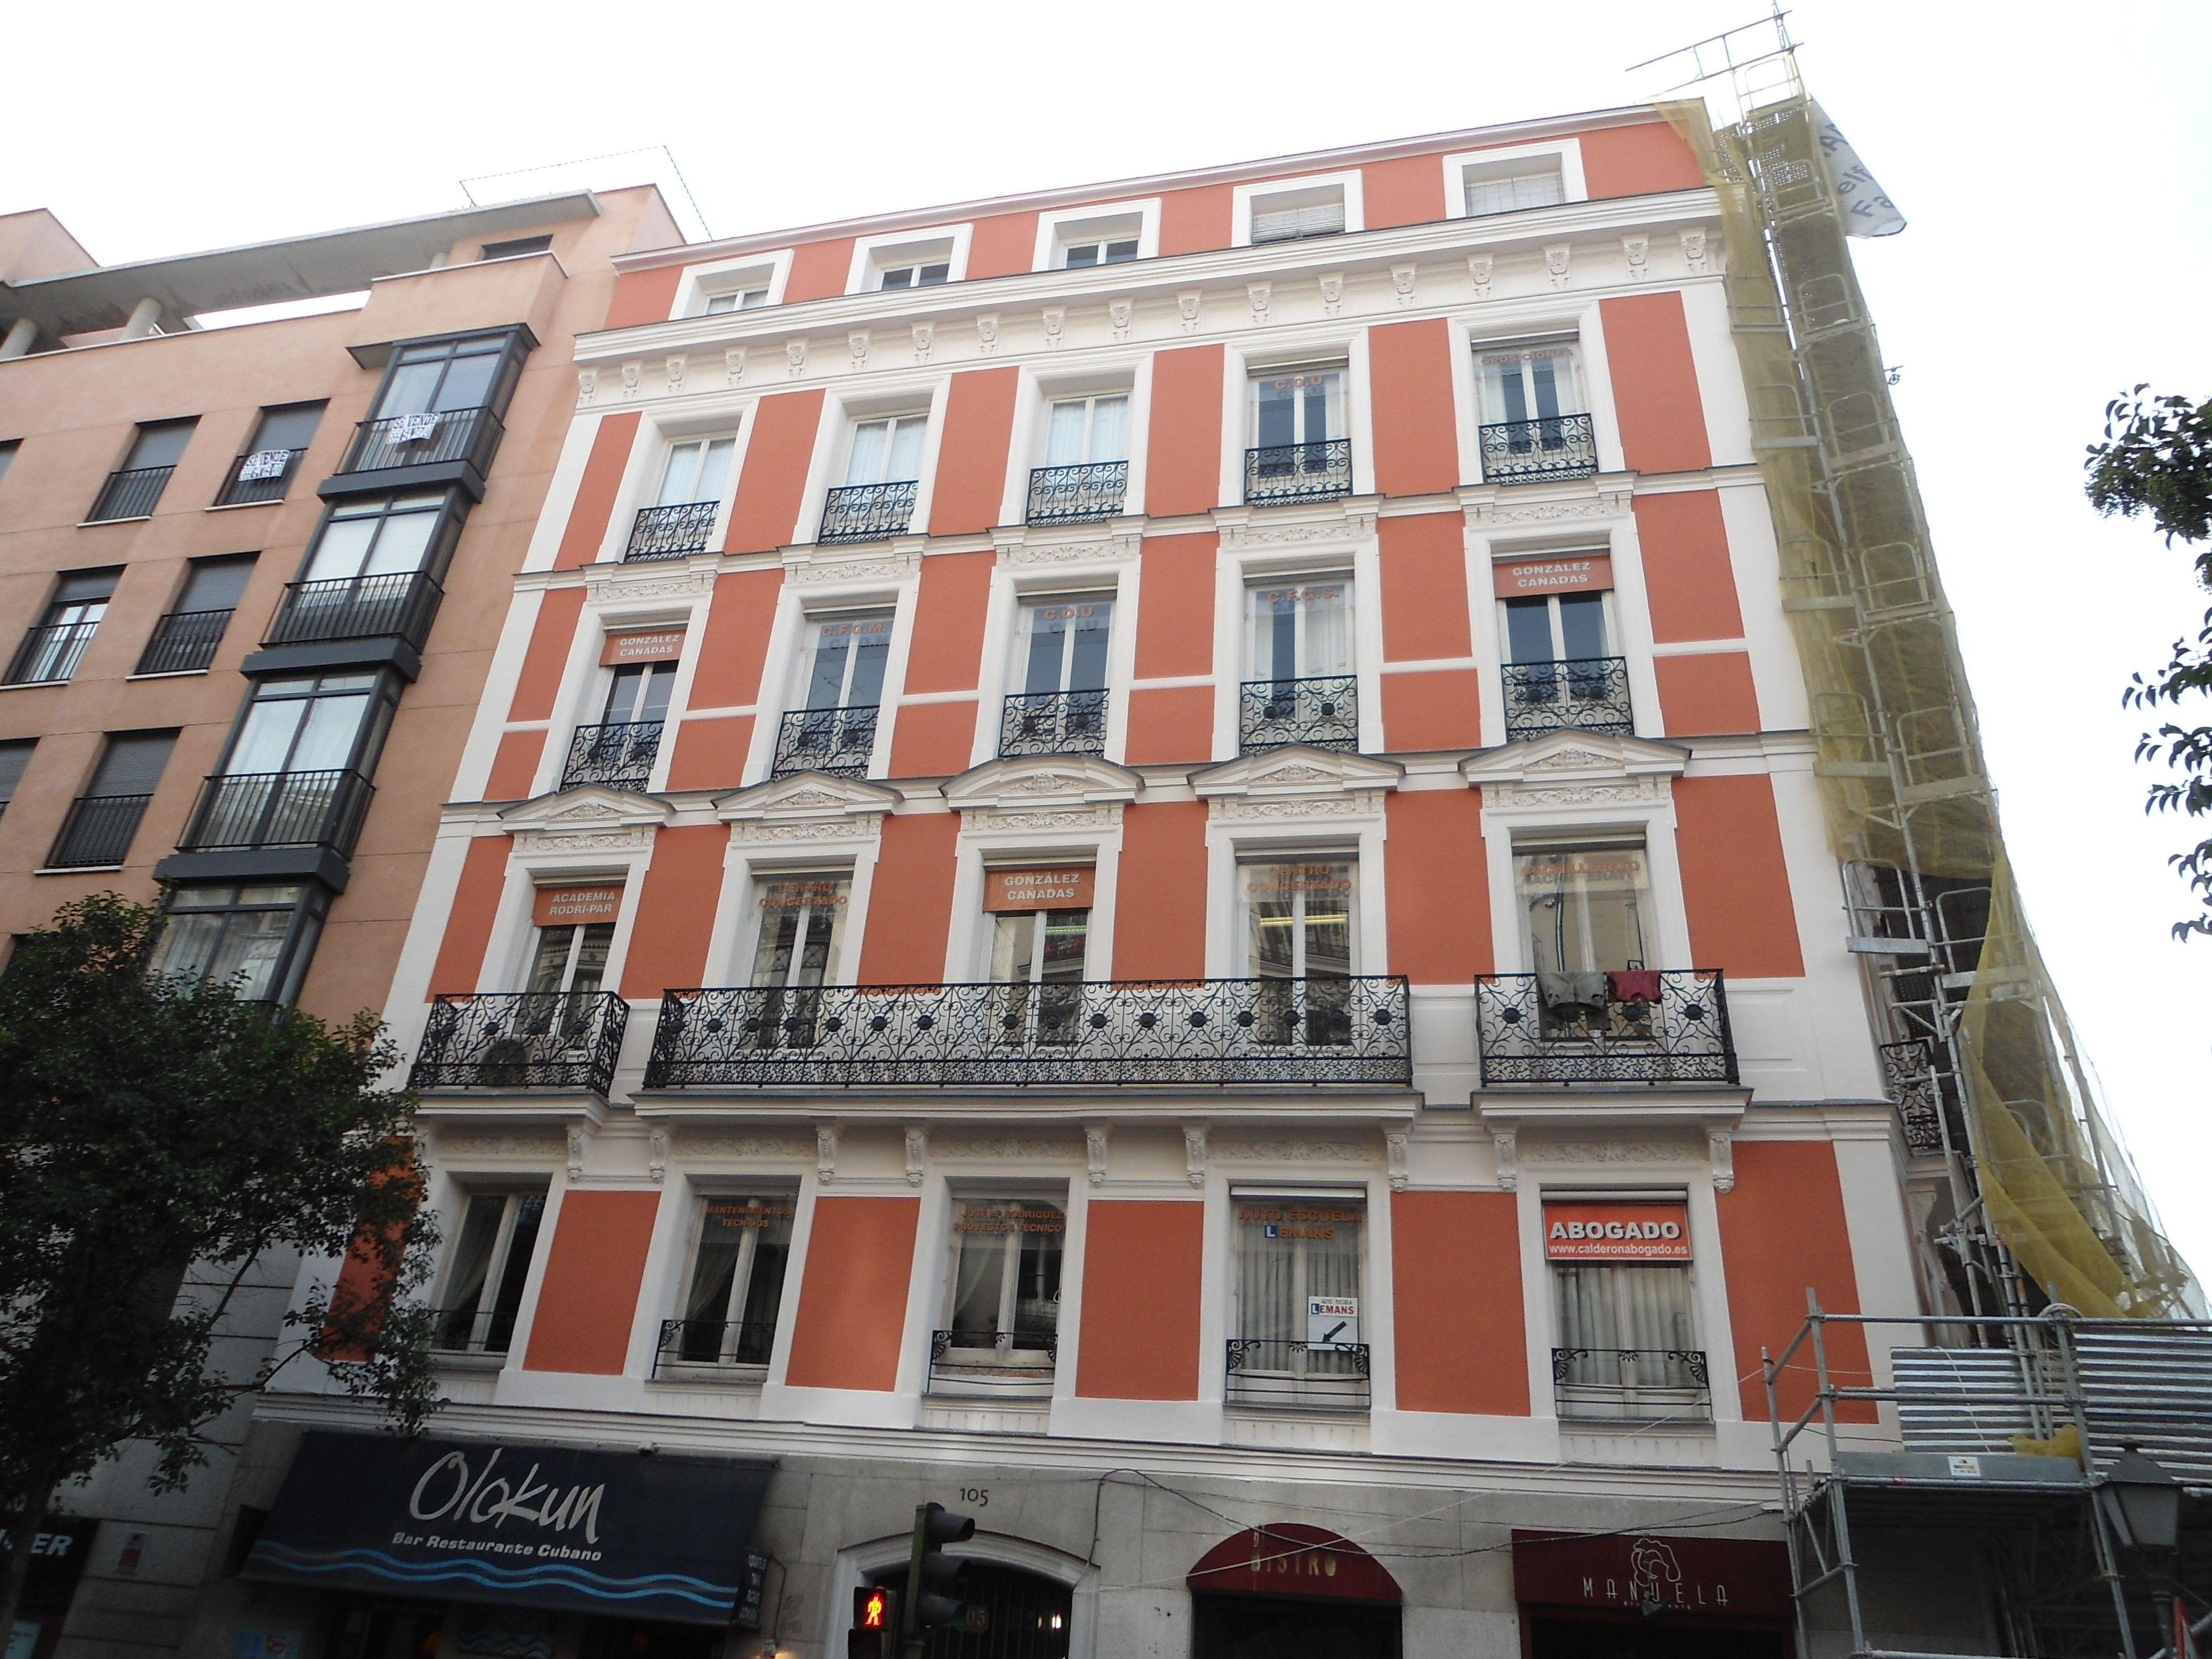 Apartamentos por horas madrid centro hogar y ideas de dise o - Apartamentos baratos madrid por dias ...